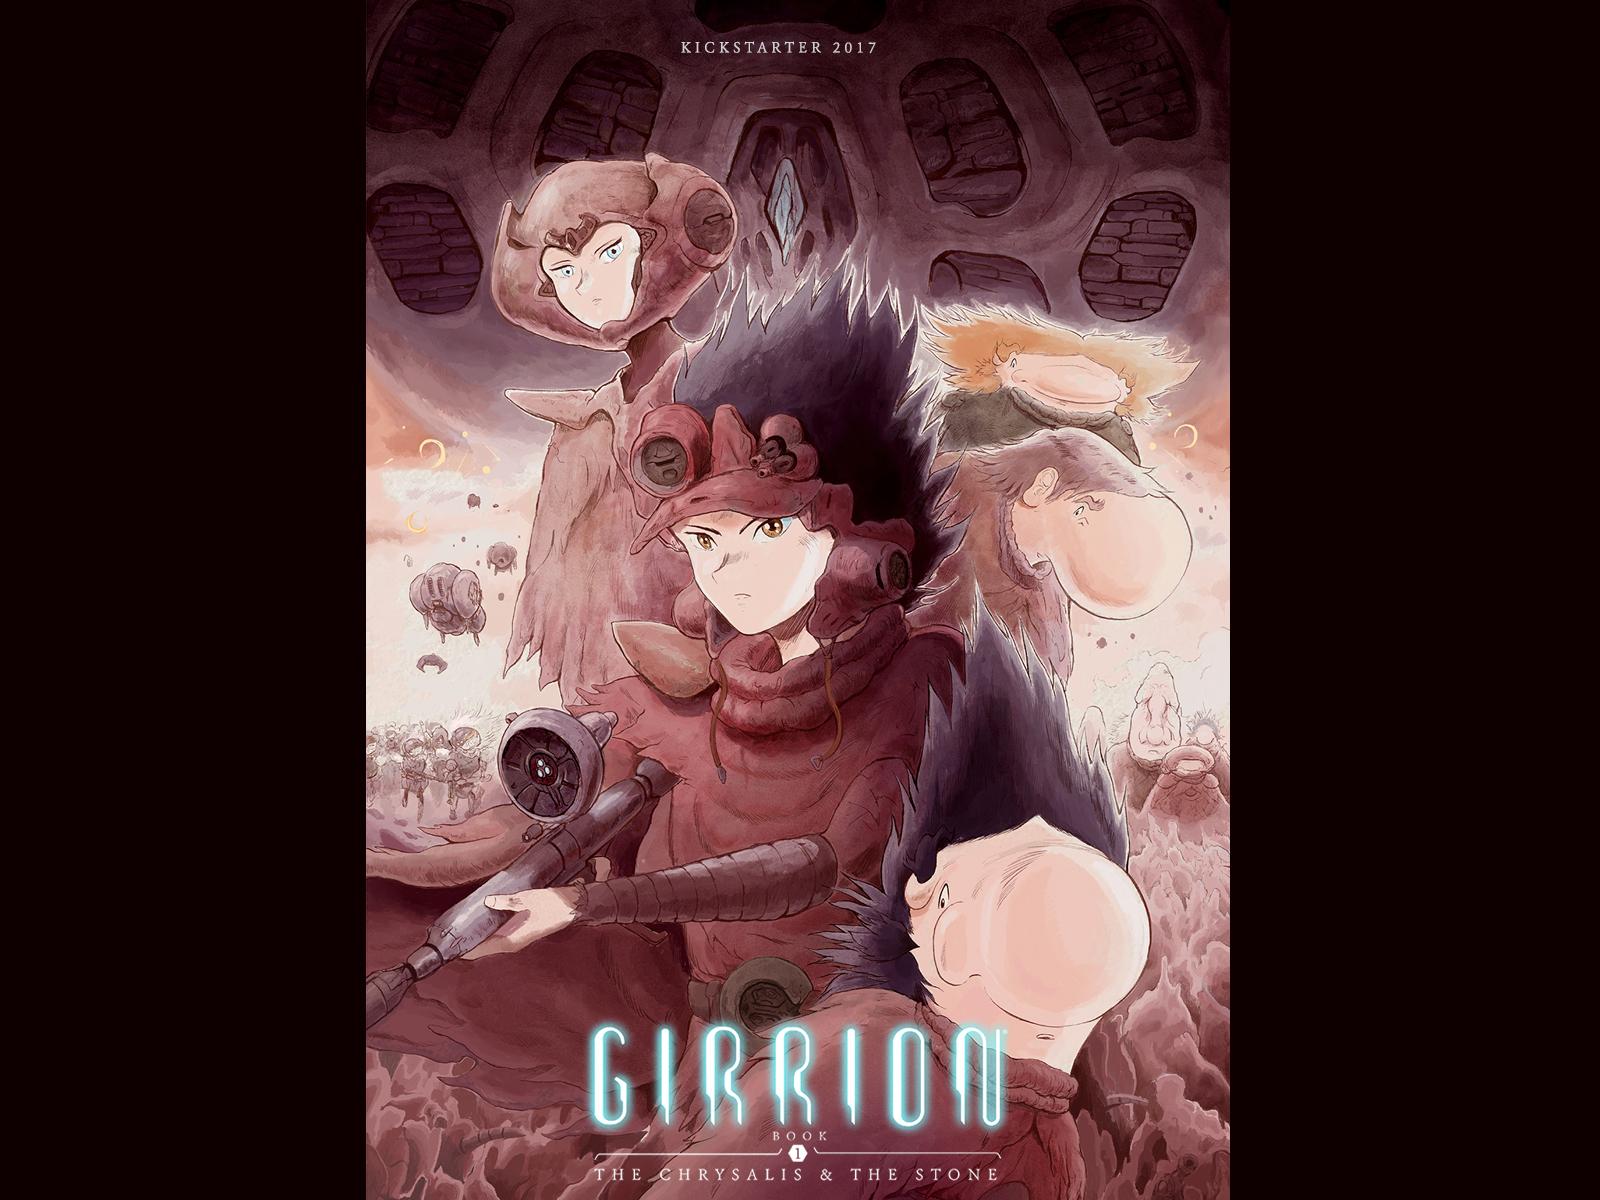 Girrion_dsktp_1600x1200.jpg